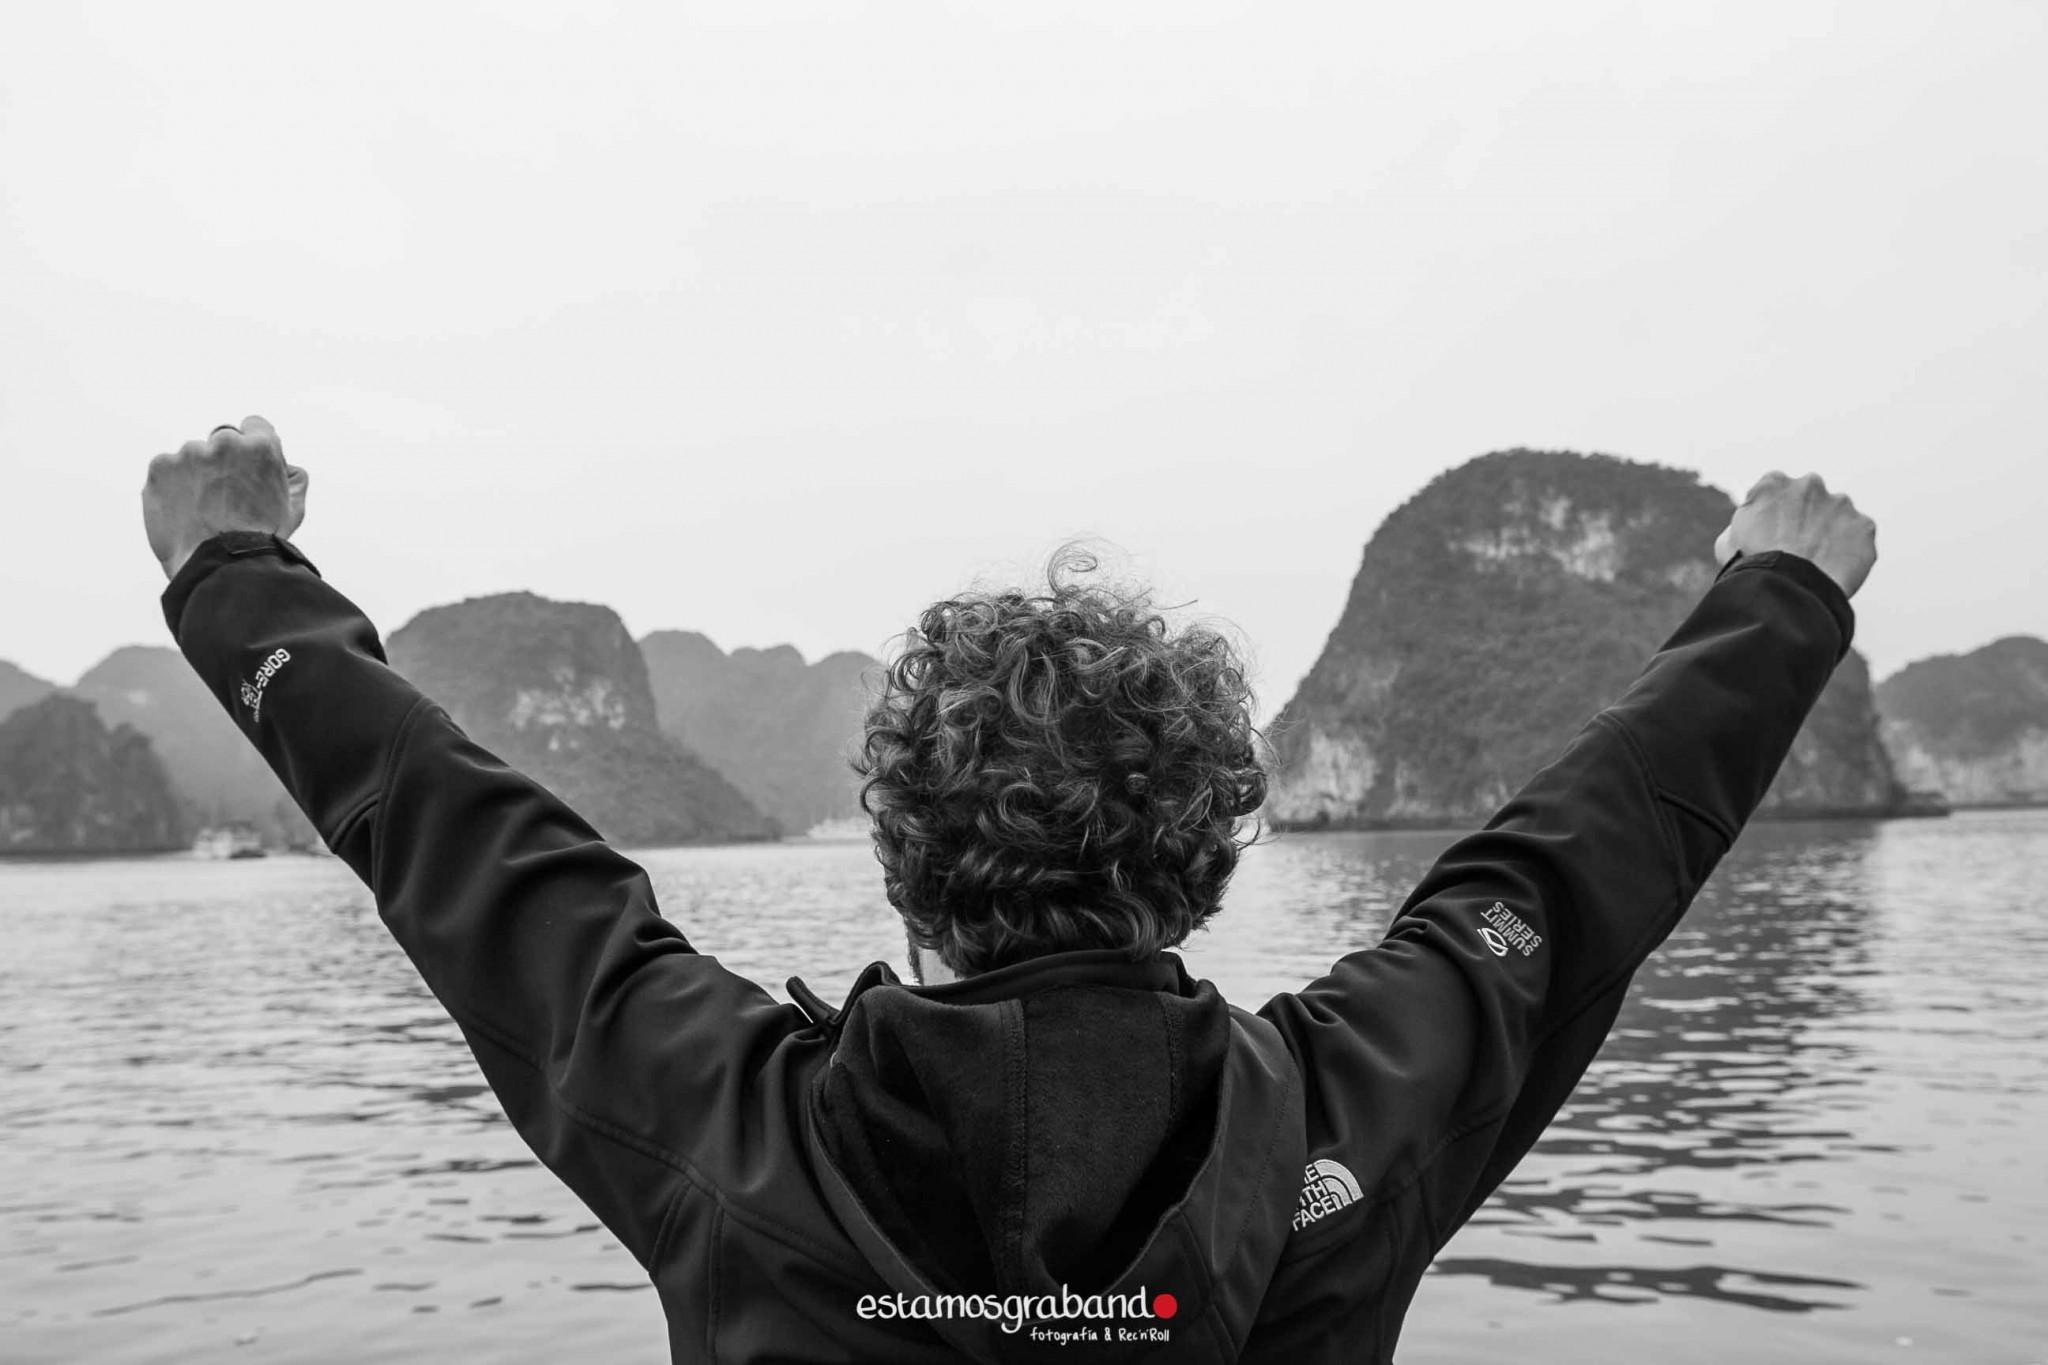 reportaje-vietnam_fotograficc81a-vietnam_estamosgrabando-vietnam_rutasvietnam_reportaje-retratos-fotos-vietnam_fotografia-vietnam_reportaje-estamosgrabando-fotograficc81a-vietnam-53 Pequeños grandes recuerdos de Vietnam en 100 imágenes - video boda cadiz